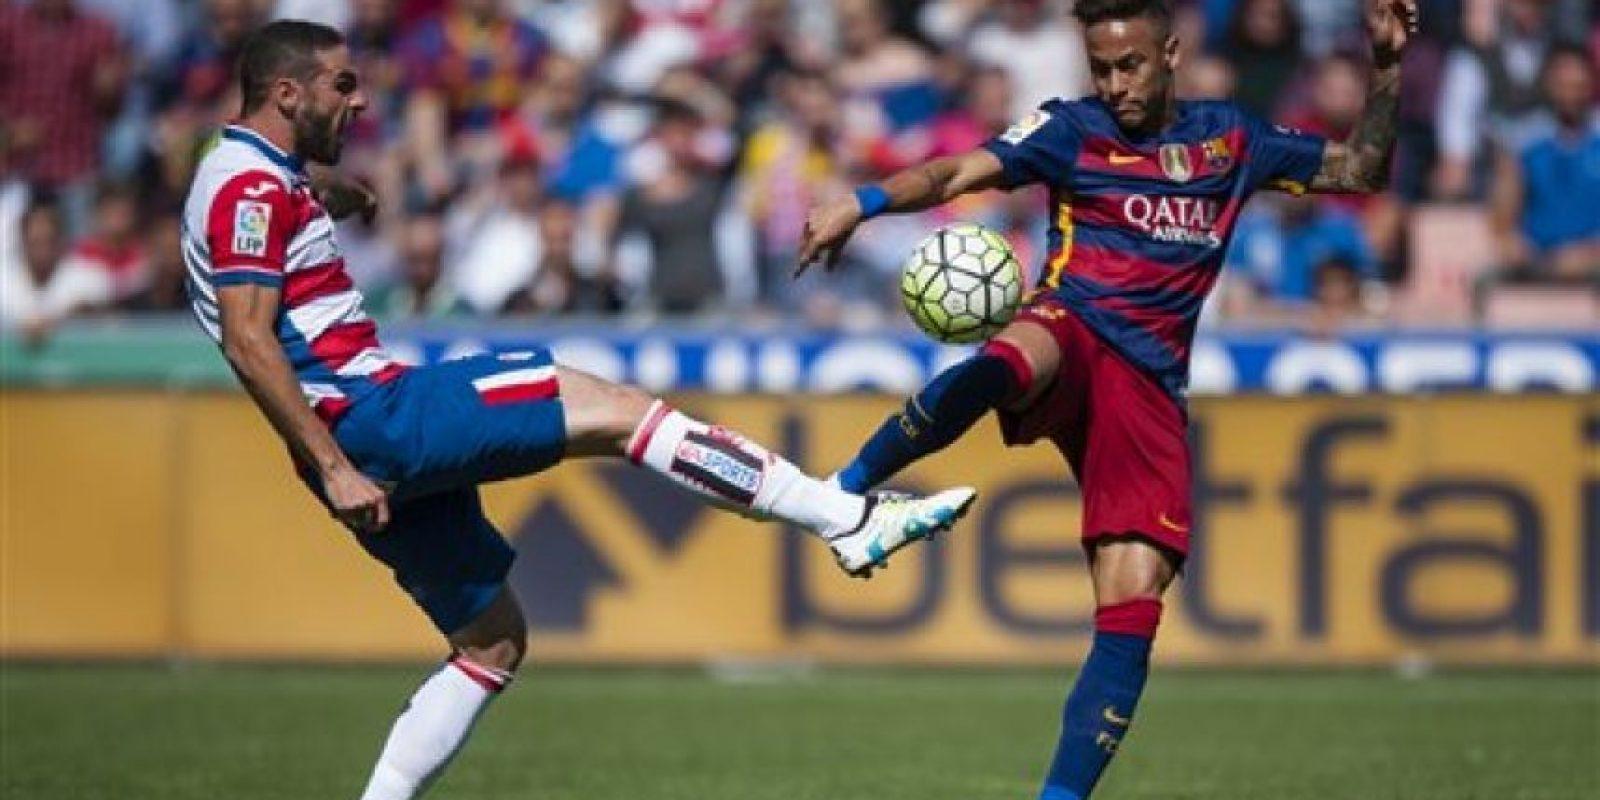 Neymar asistió al uruguayo en el primer tanto ante Granada. Foto:AP. Imagen Por: